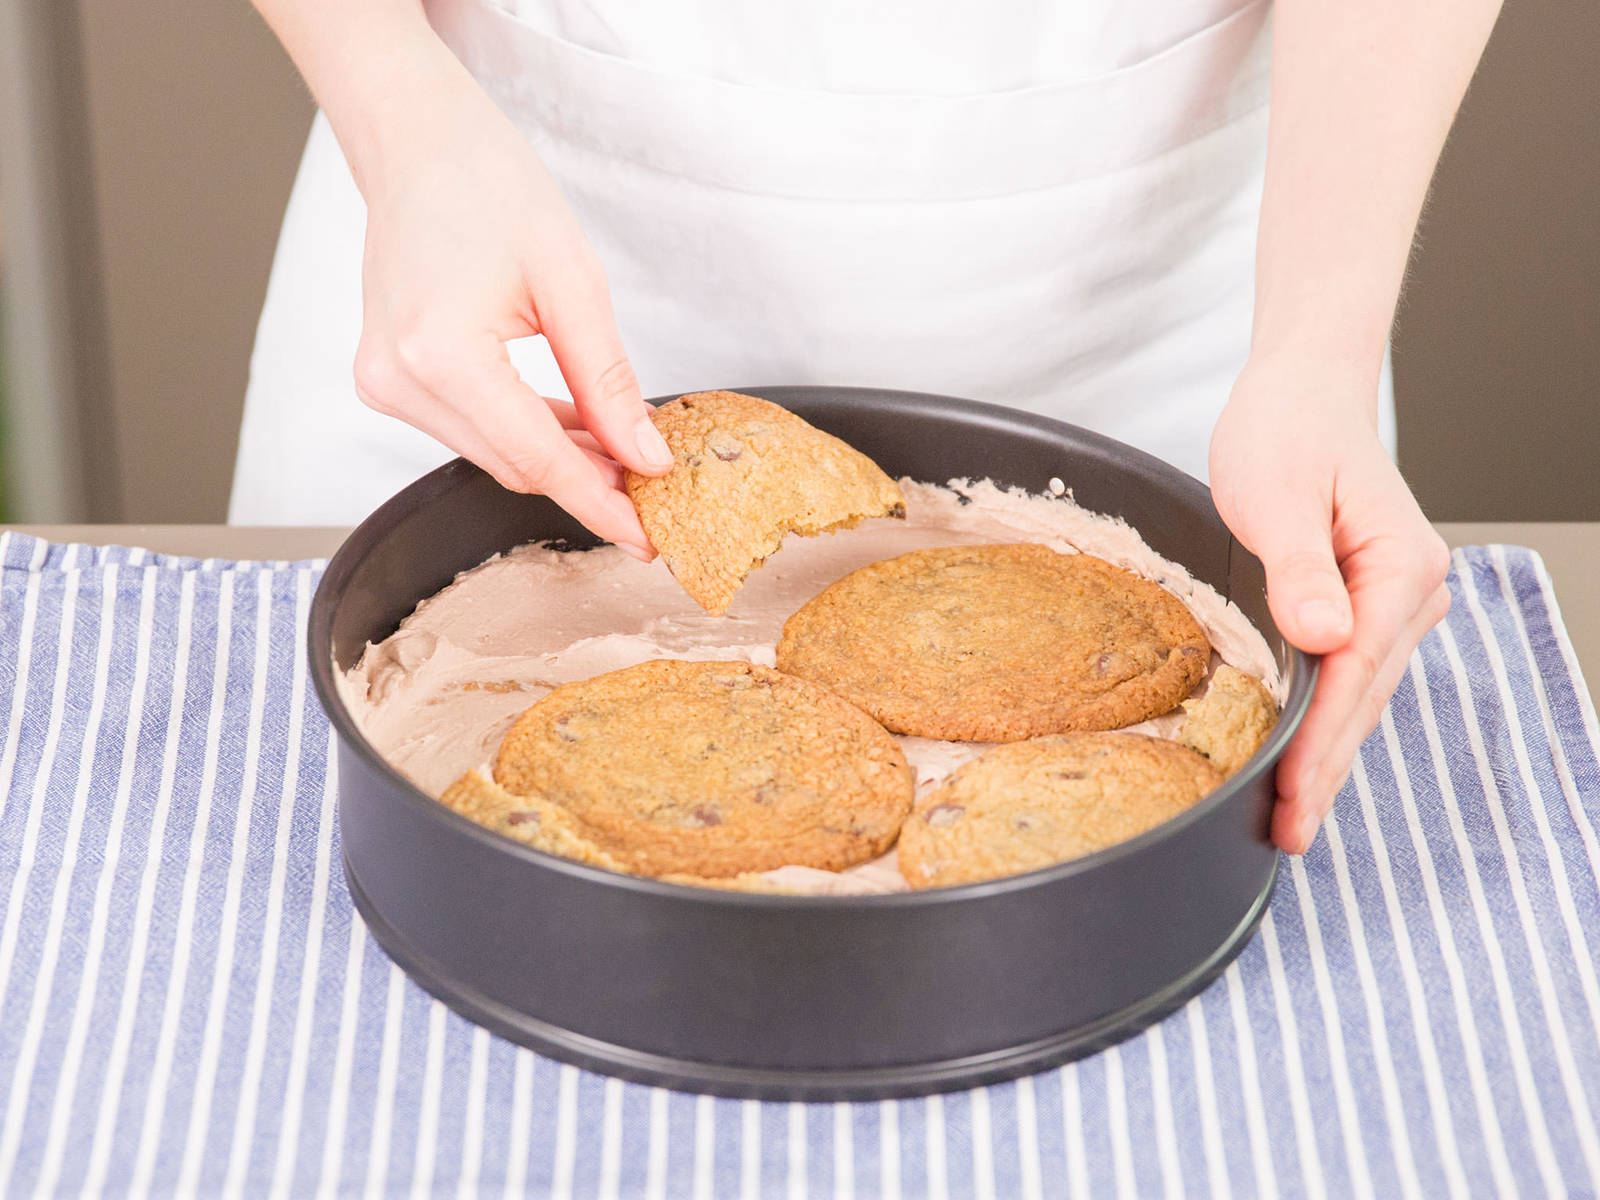 Eine dünne Schicht Schlagsahne auf dem Boden der Springform verteilen, mit einer Schicht Cookies bedecken. Dabei so wenig freie Stellen wie möglich lassen. Cookies in Stücke brechen, um Lücken zu füllen. Eine gleichmäßige Schicht Schlagsahne auf den Cookies verteilen, mit einer weiteren Schicht Cookies bedecken. Weiter schichten bis knapp zum oberen Rand der Form. Mit einer Schicht Sahne abschließen. Kuchen mit Klarsichtfolie bedecken und über Nacht in den Kühlschrank stellen. Zum Servieren mit einem scharfen Messer am Rand entlang fahren und Kuchen aus der Form heben. Vor dem Servieren mit einem Sparschäler etwas Schokolade obenauf raspeln.